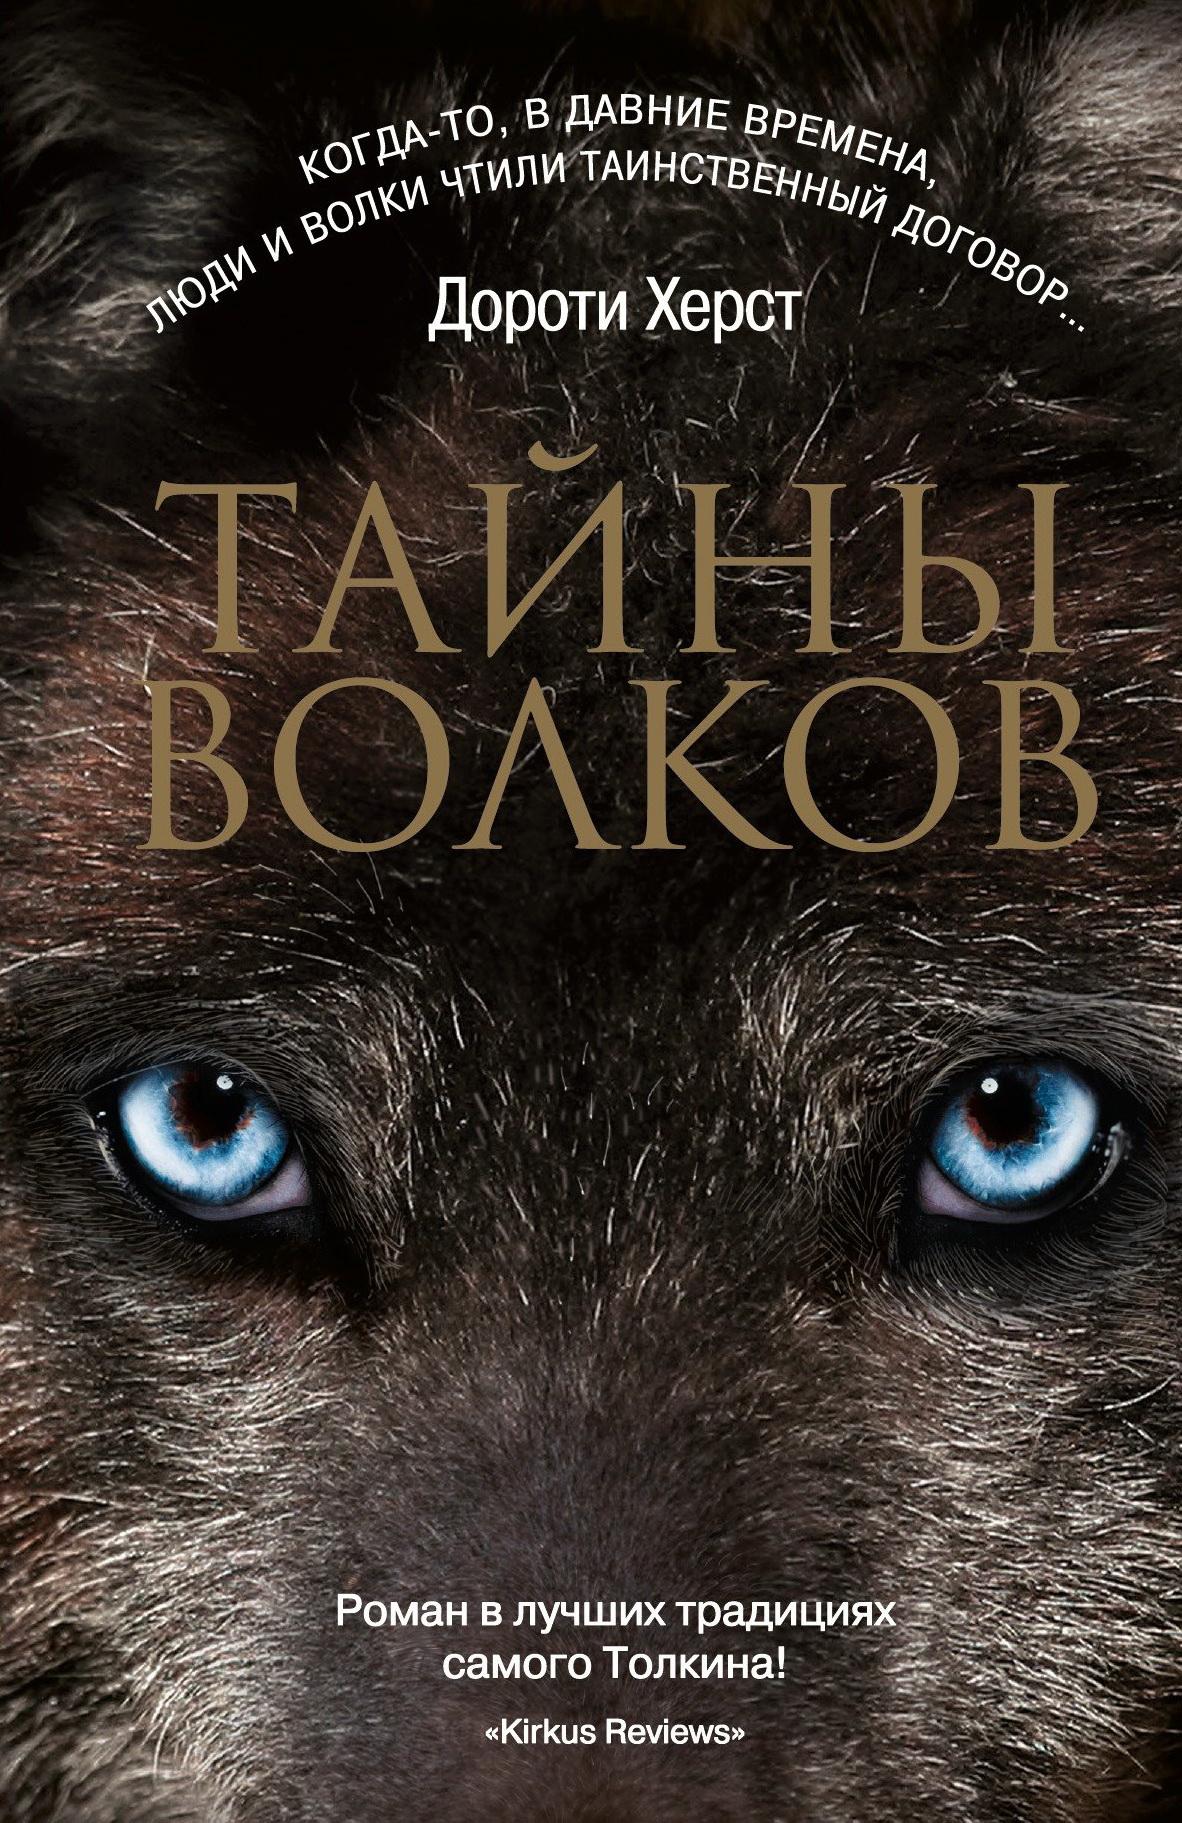 Волки: закон волков. Тайны волков. Дух волков (сборник) скачать.